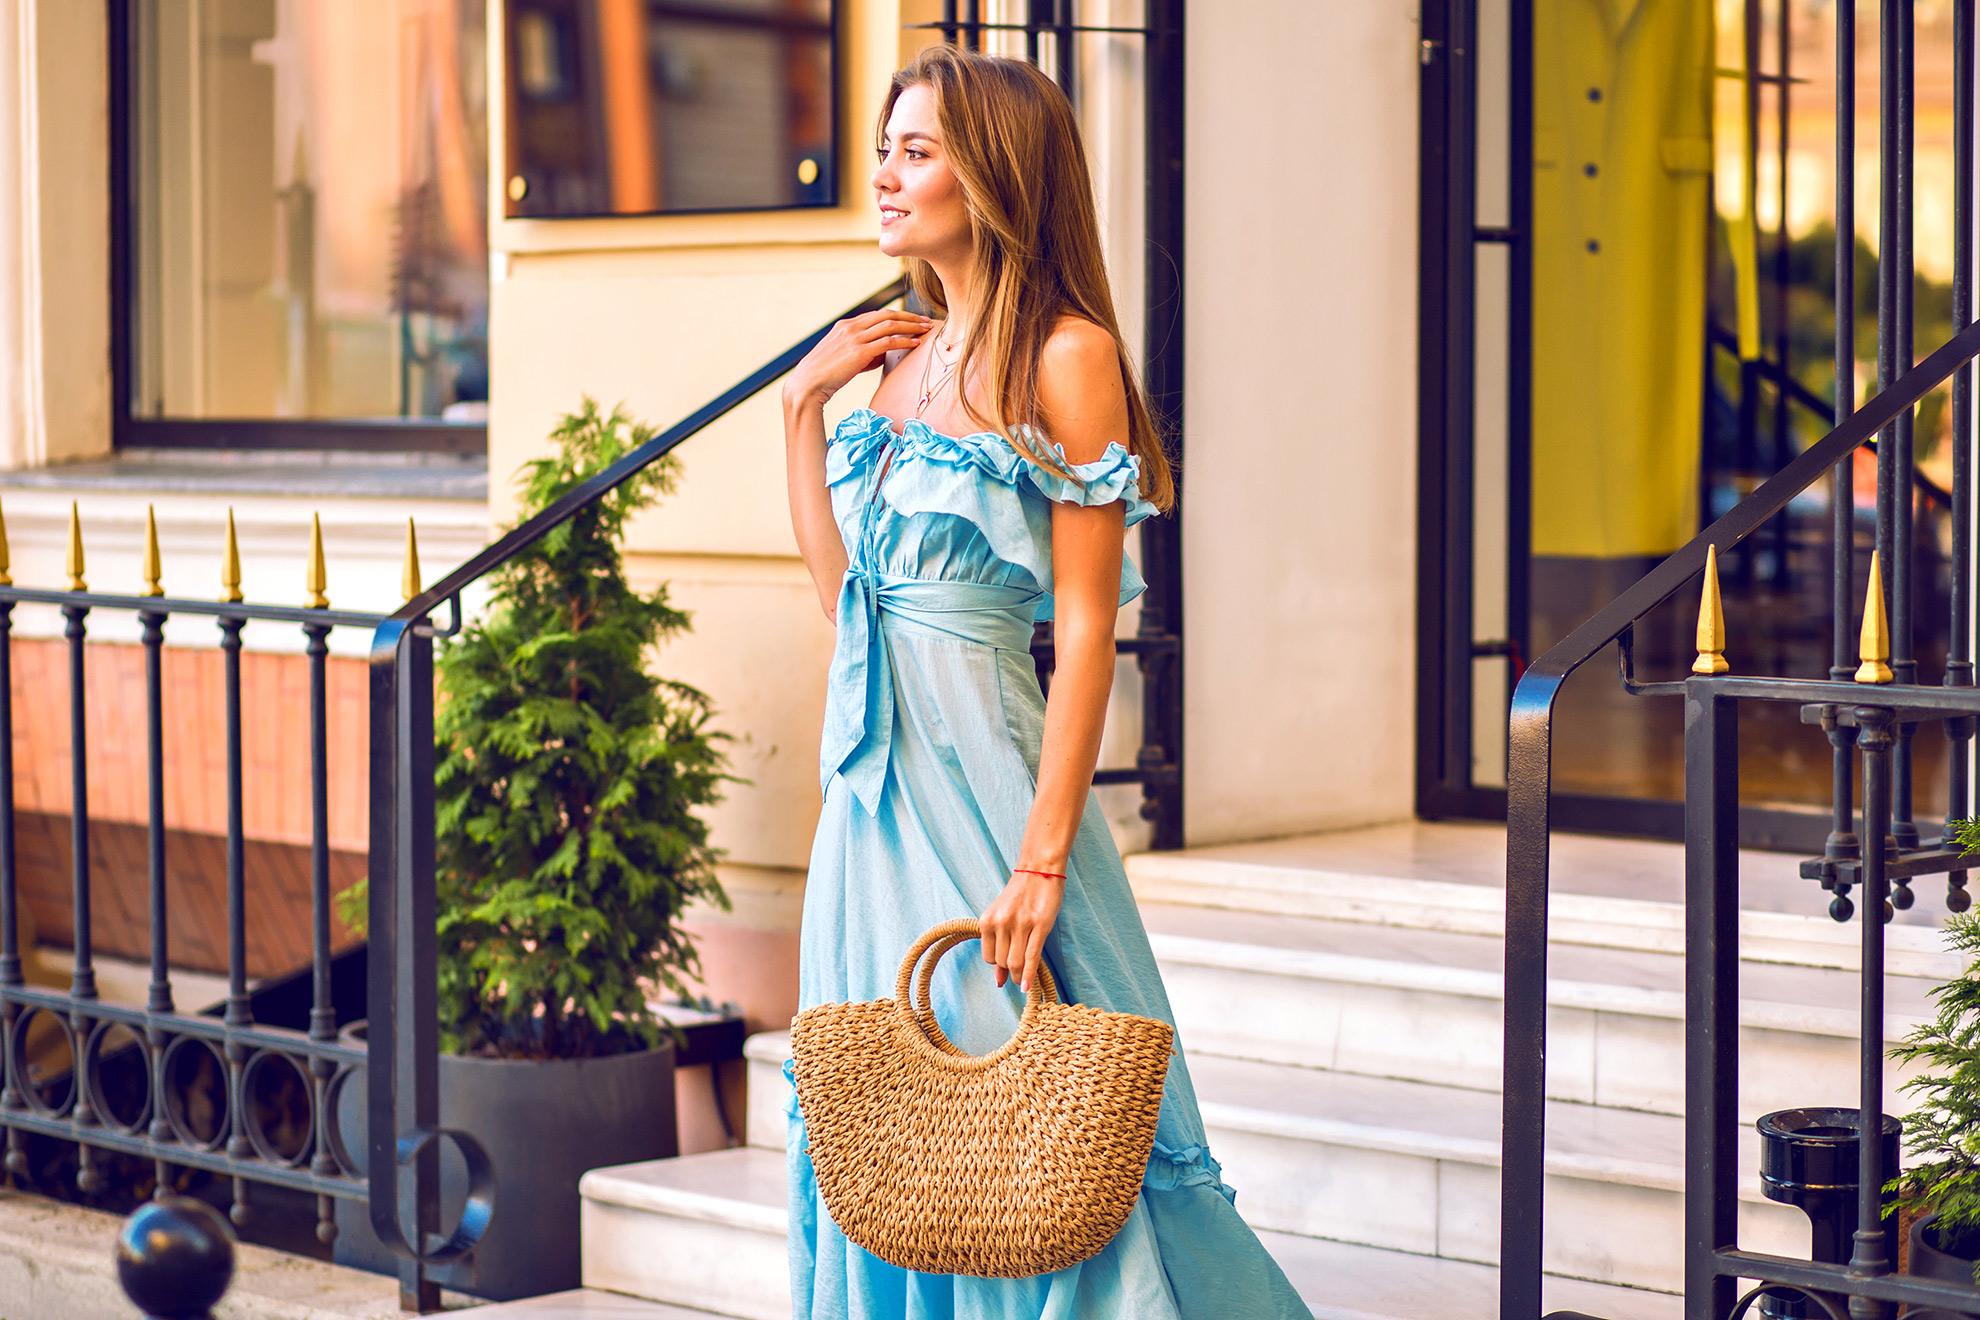 Kobieta w błękitnej sukience, ilustracja do artykułu o czarnych butach do błękitnej sukienki